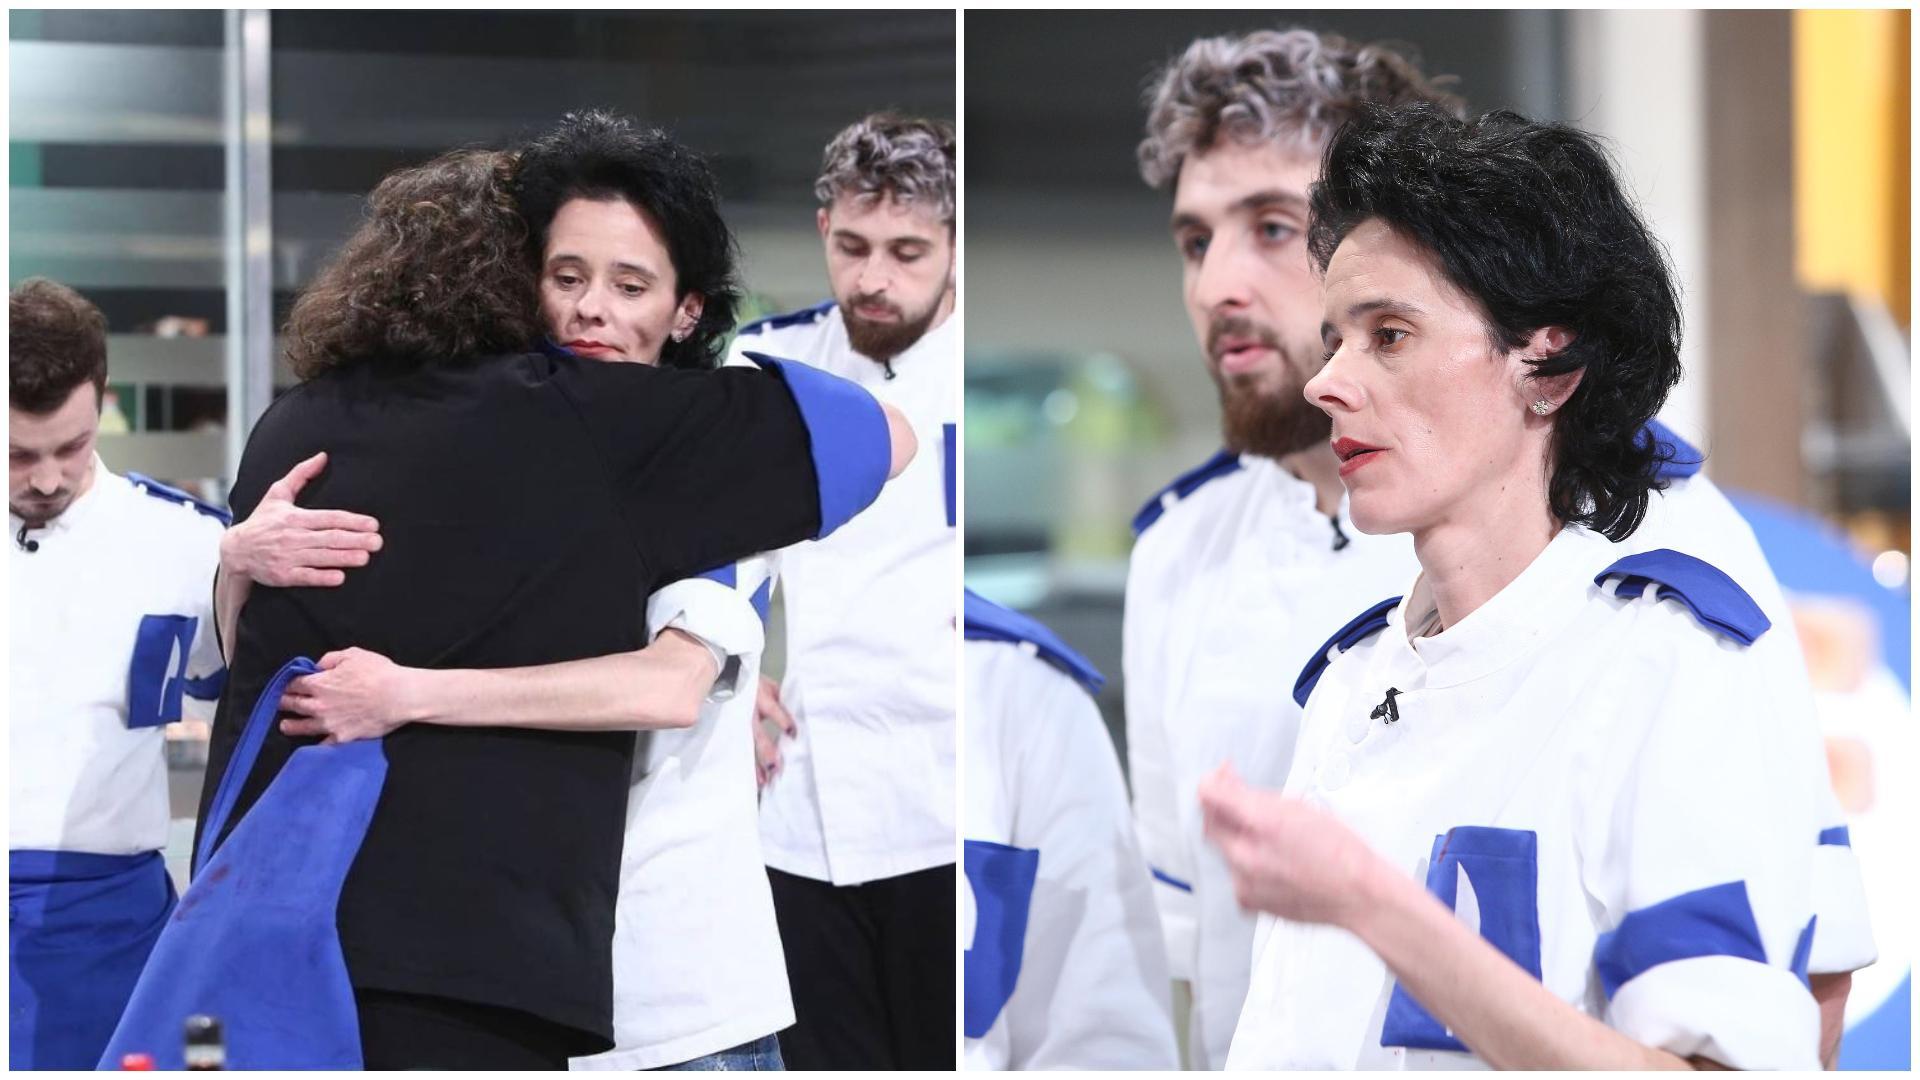 """Mesajul lui Florin Dumitrescu pentru Mirela Negoiță, după ce a fost eliminată de la Chefi la cuțite: """"Eu m-am ținut de promisiune"""""""